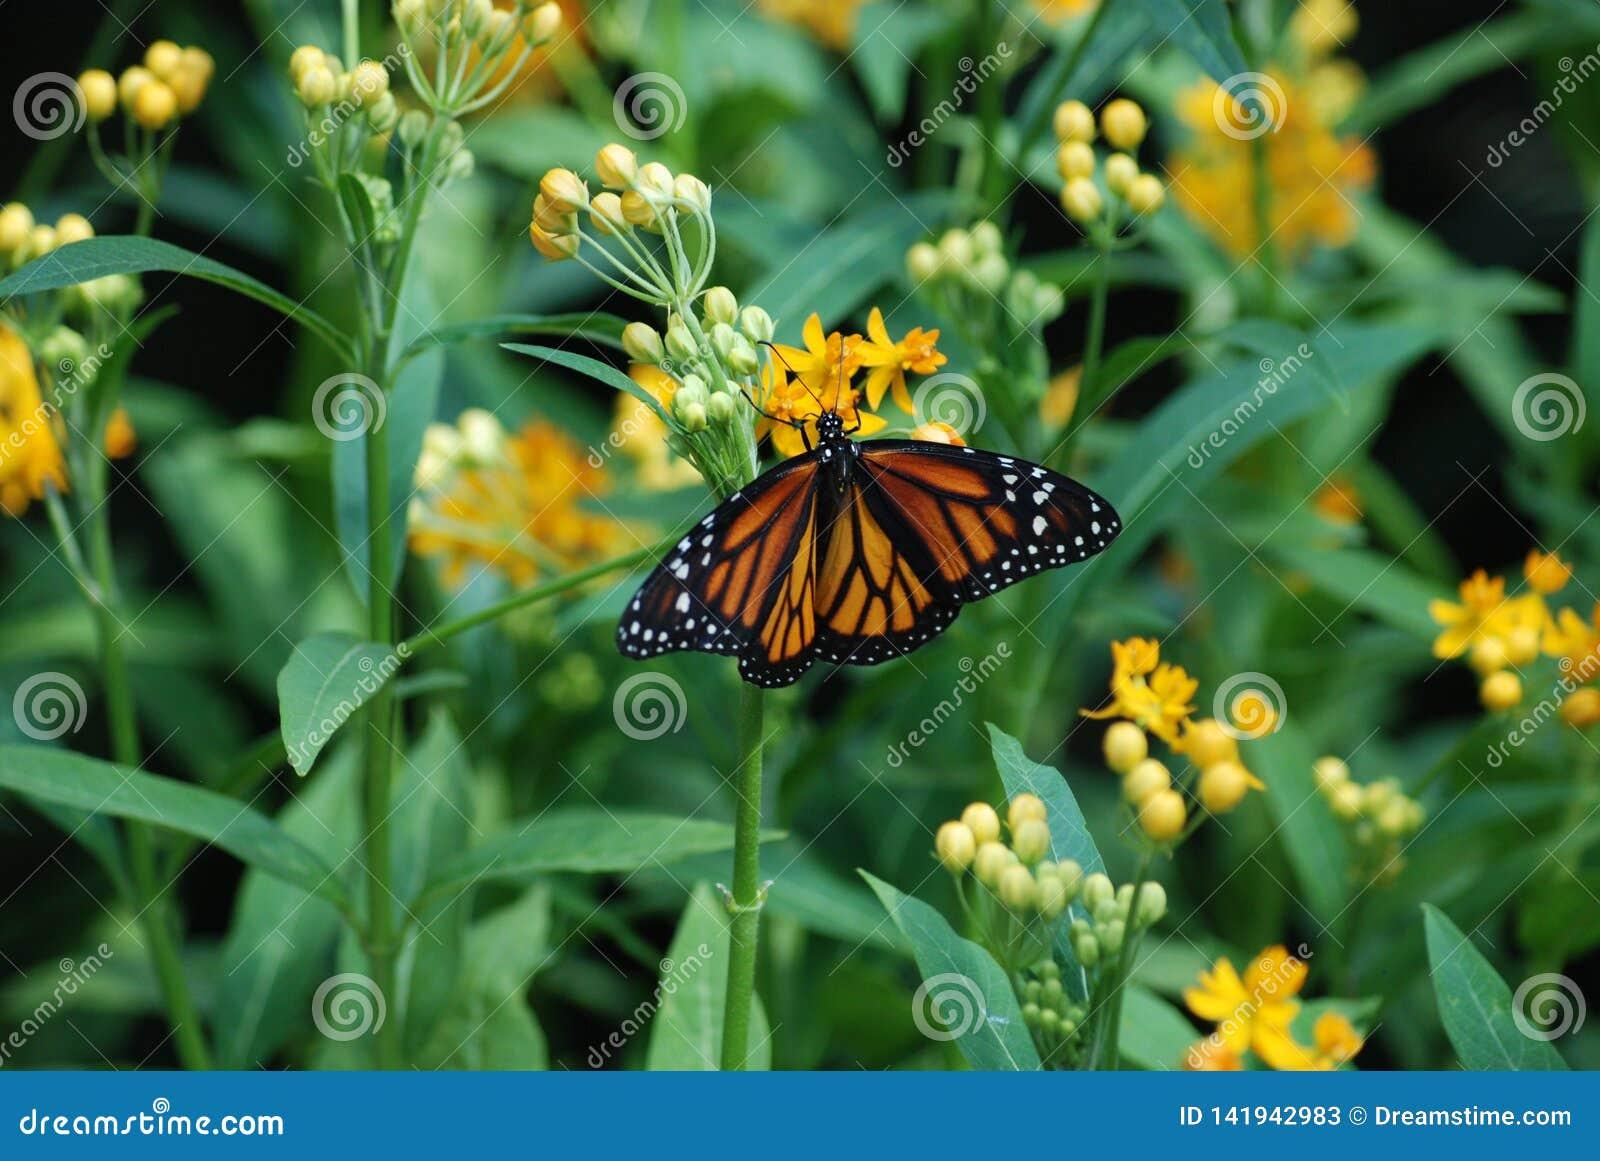 Un ángel de guarda - mariposa de monarca que alimenta en la flor amarilla